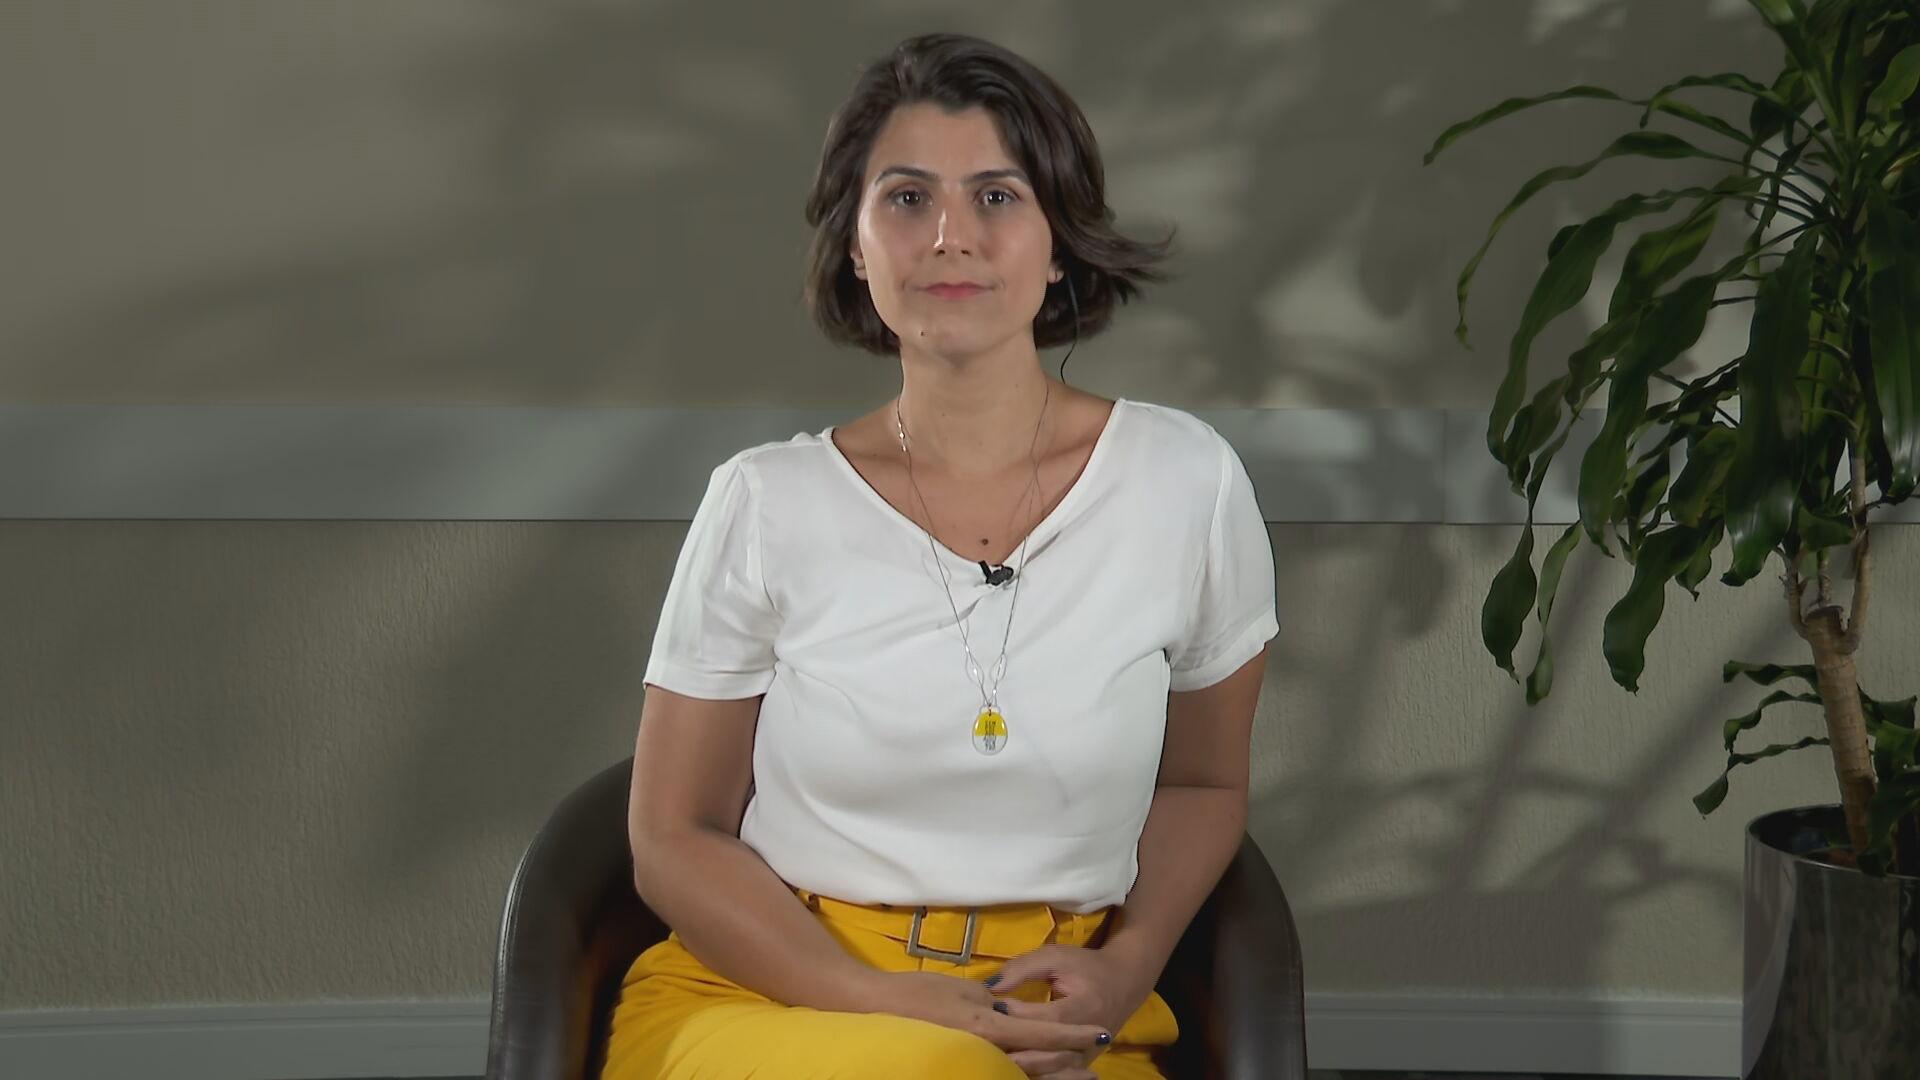 Candidata a prefeitura de Porto Alegre, Manuela D'Avila (PCdoB), em entrevista p